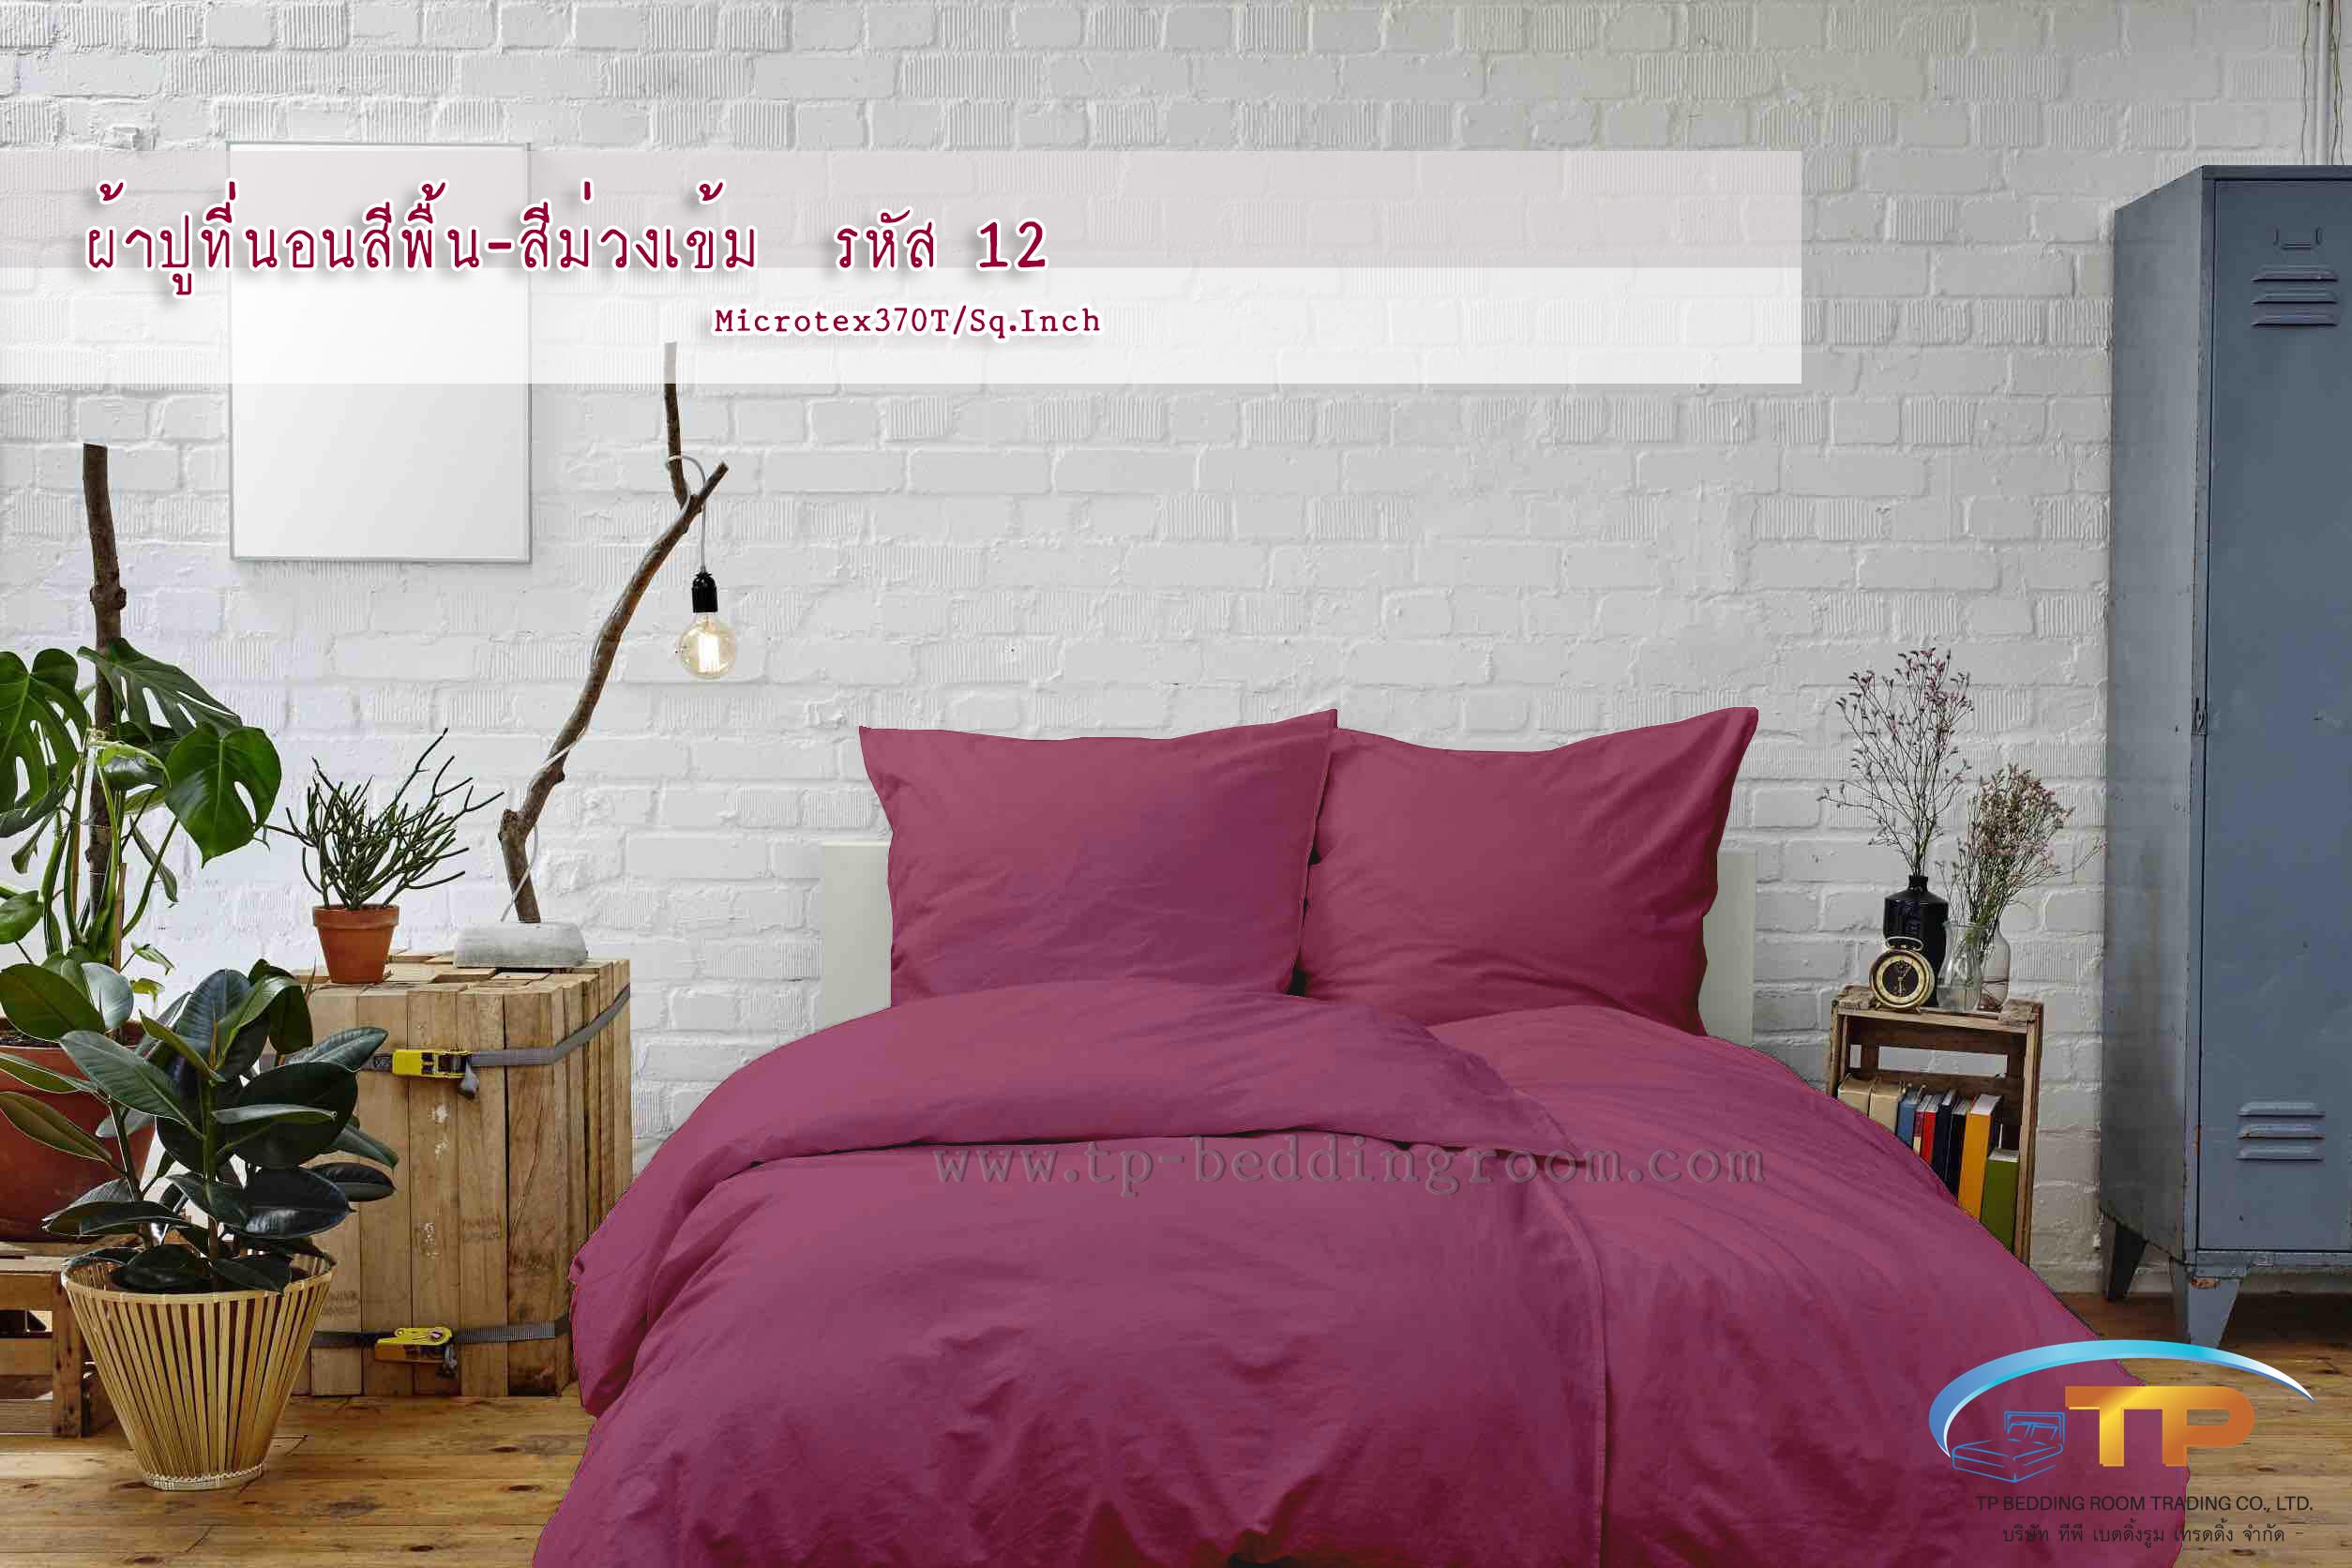 ผ้าปูที่นอนสีม่วง รหัส 12